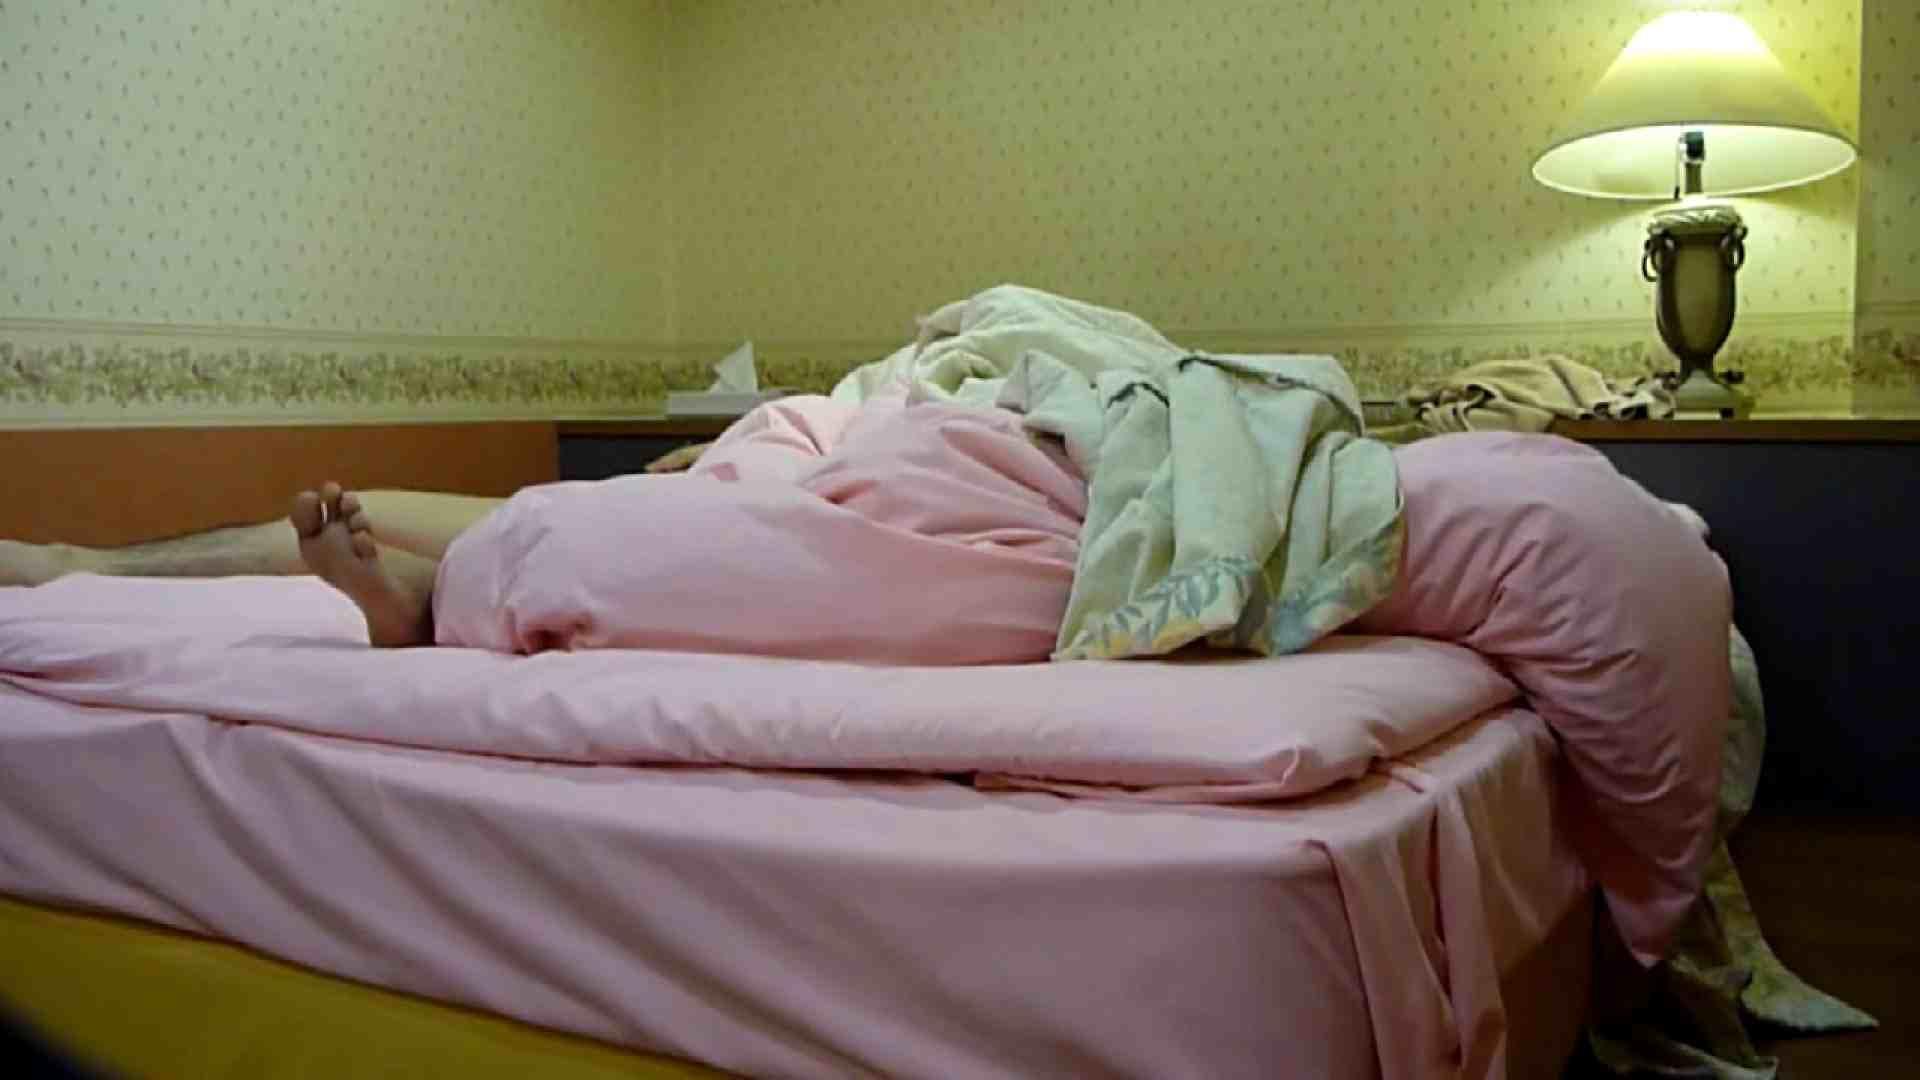 【完全素人投稿】誰にしようか!?やりチン健太の本日もデリ嬢いただきま~す!!04 素人ギャル女  60連発 8